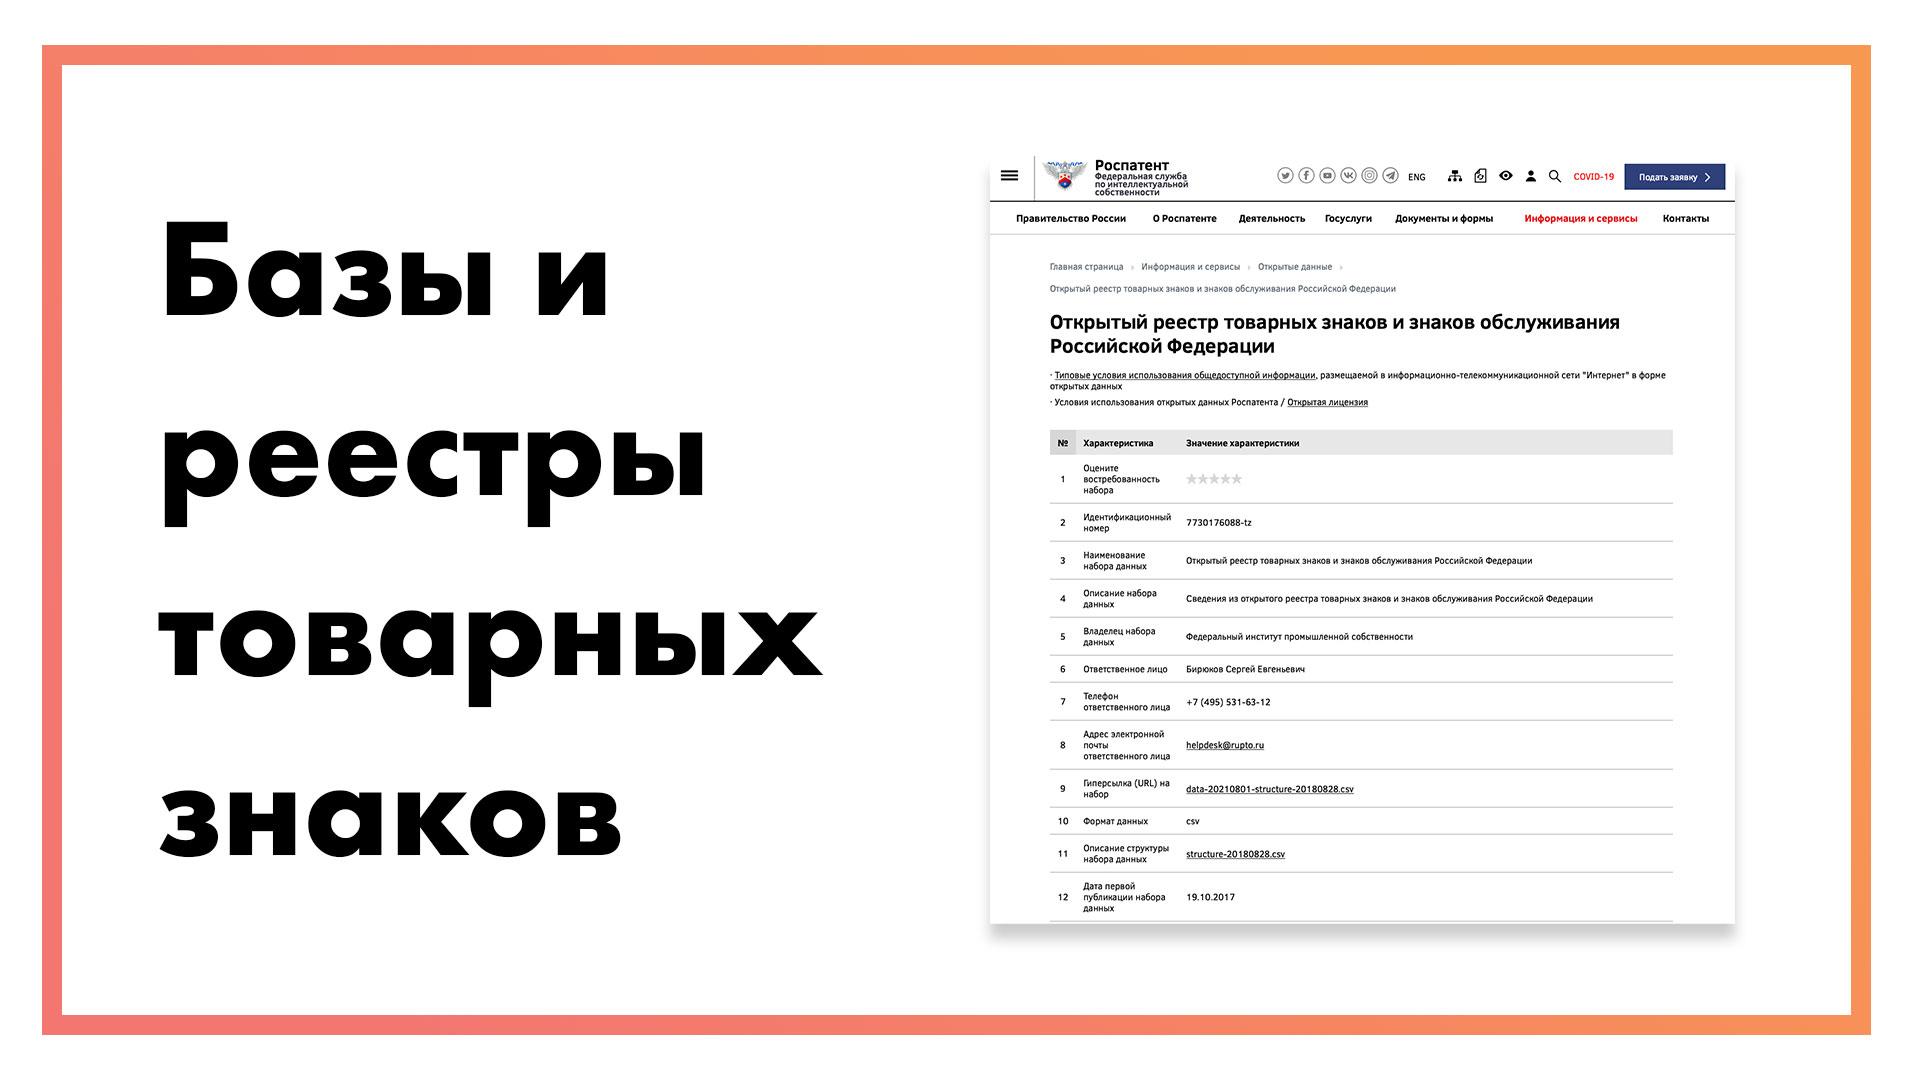 Все-базы-и-реестры-товарных-знаков-для-проверки-_-Ссылки.jpg